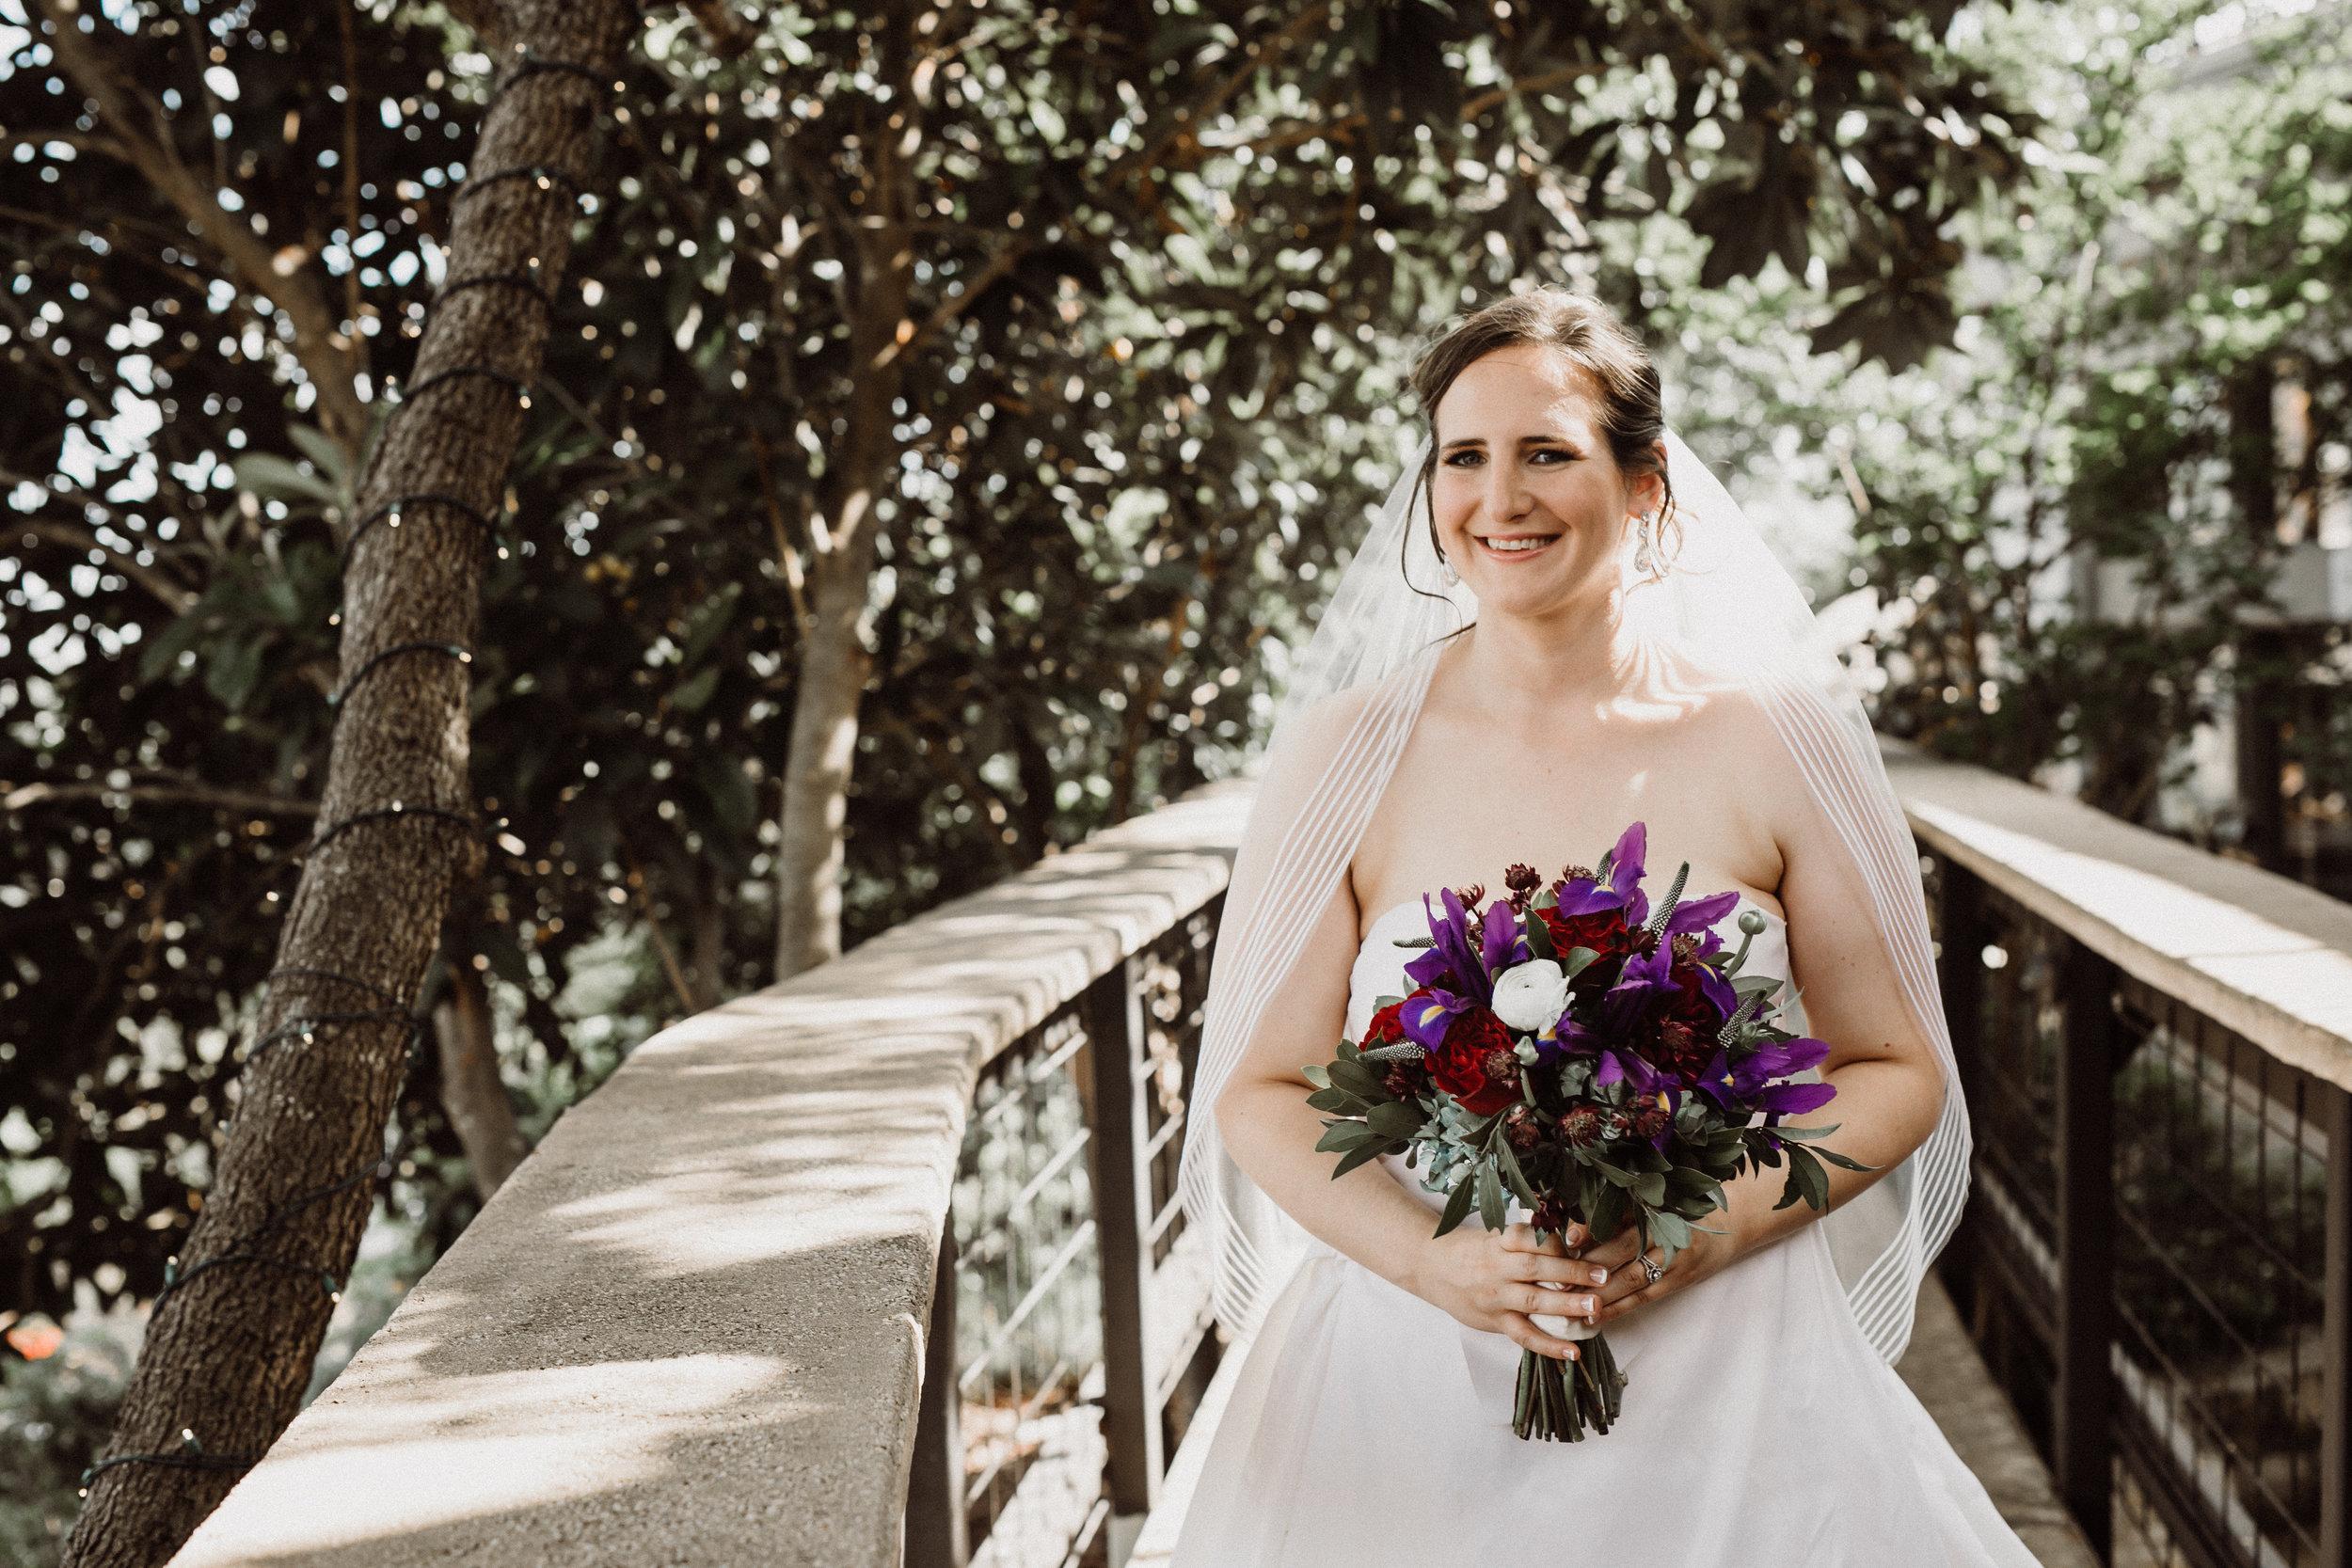 villa-antonia-wedding-JT (417 of 818).jpg